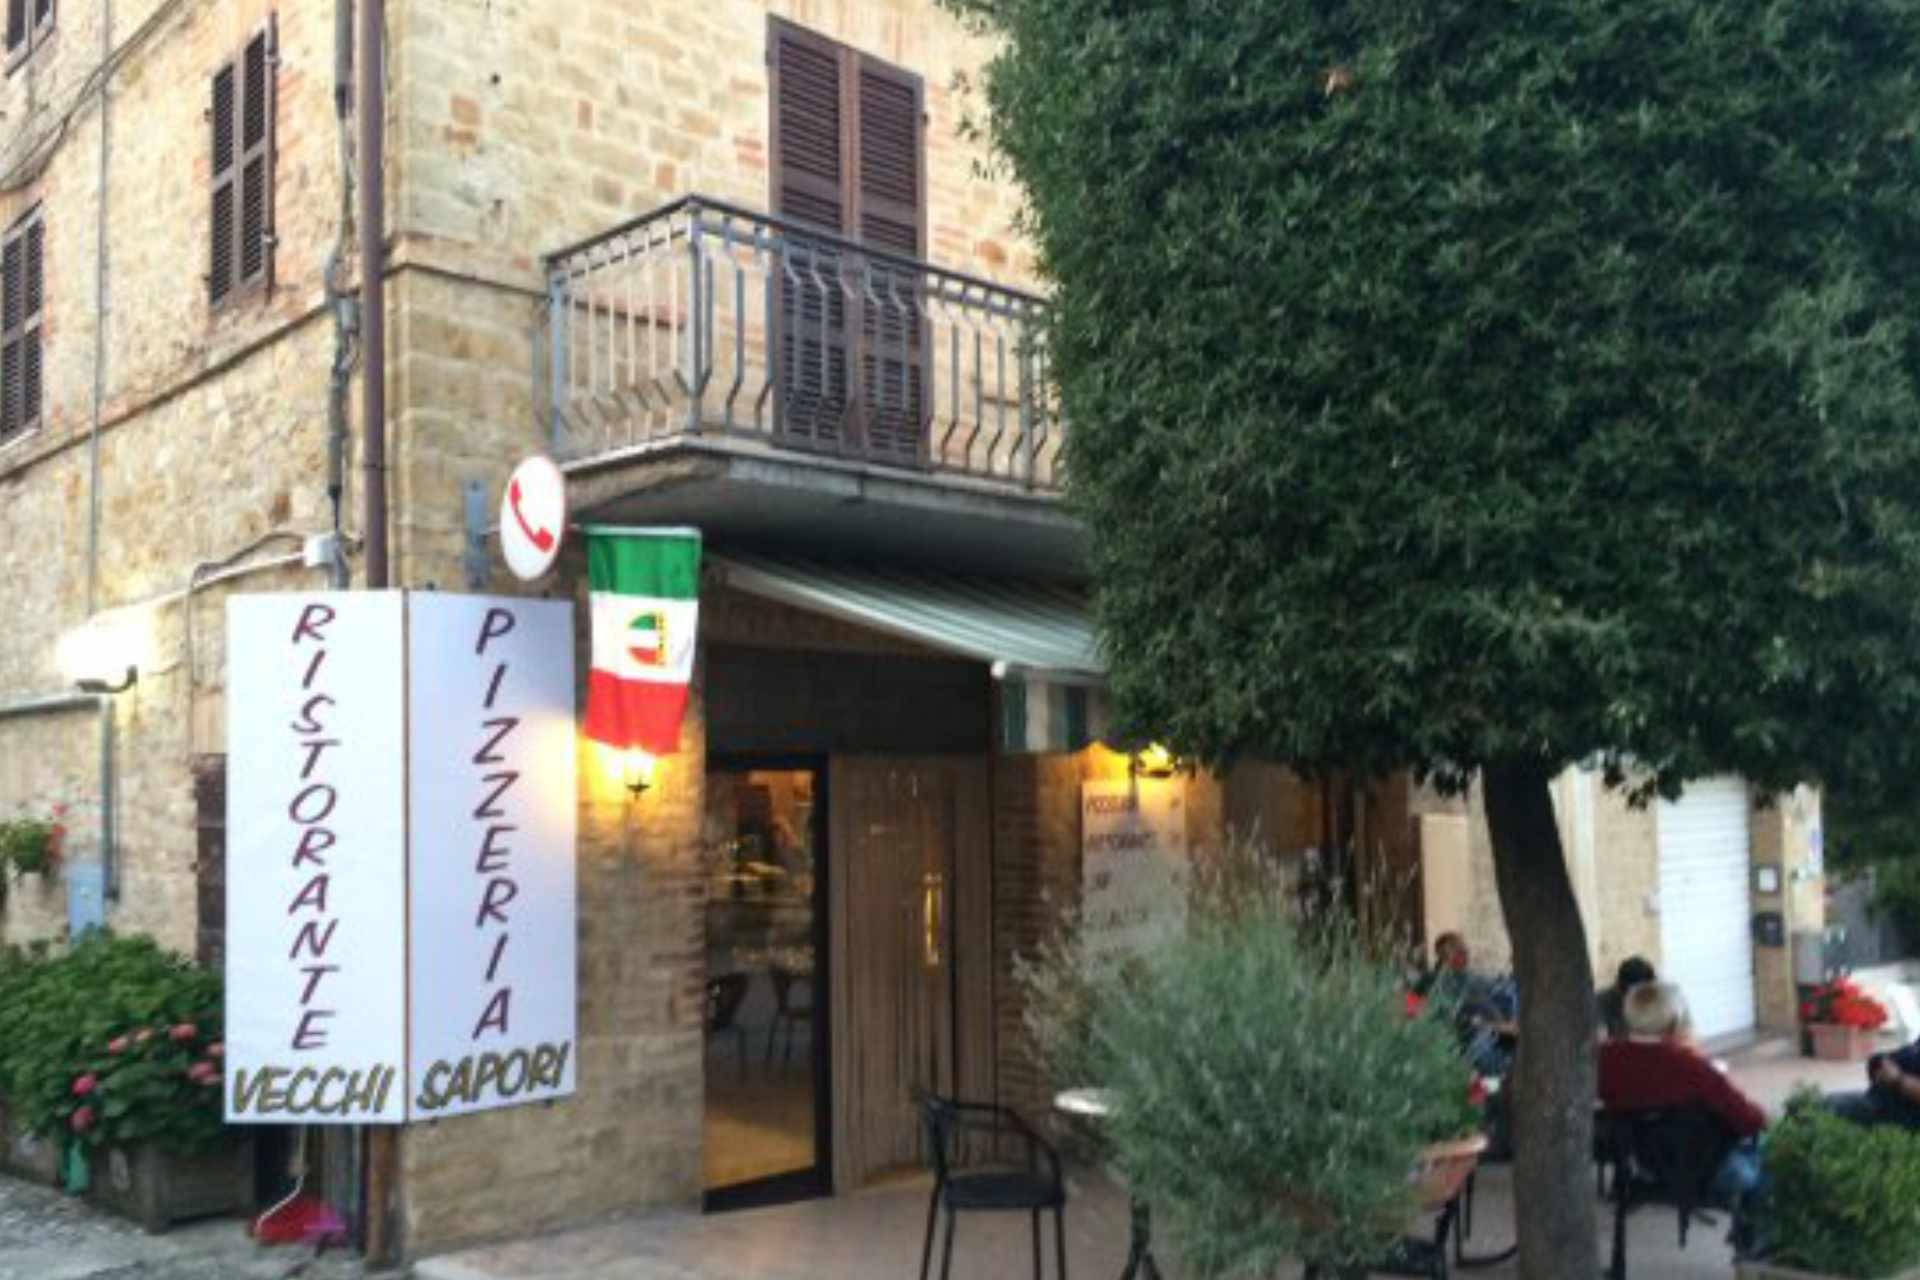 Ristorante Pizzeria Vecchi Sapori